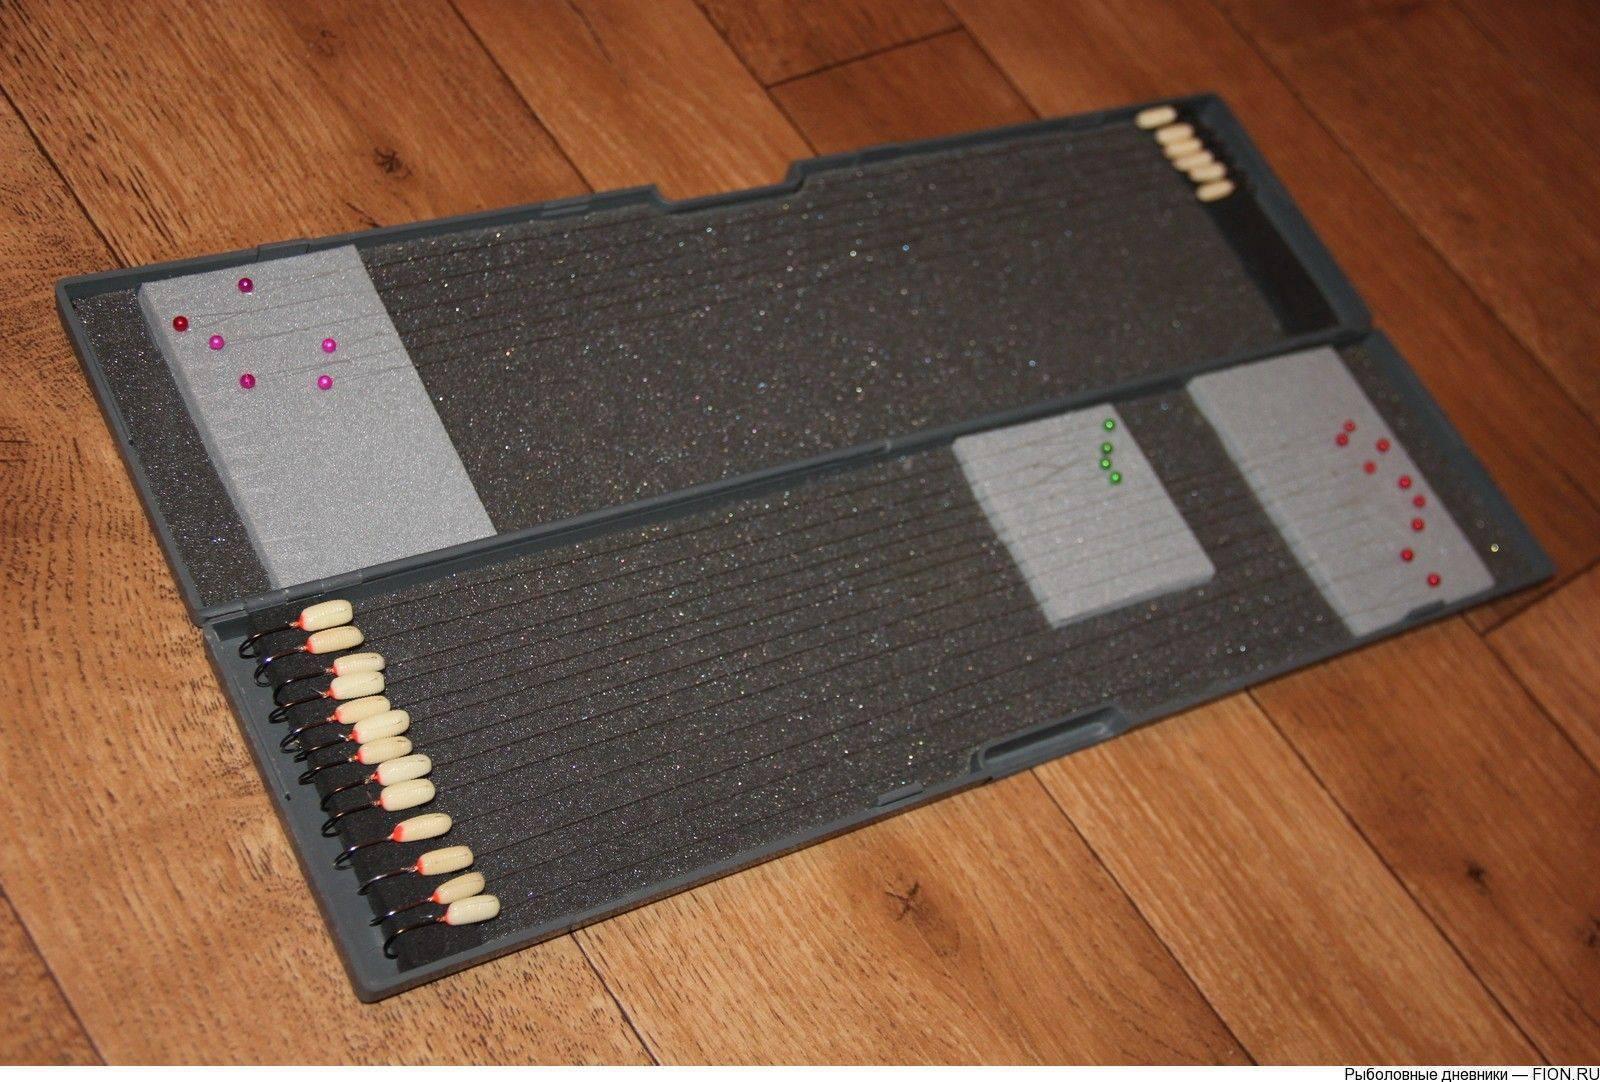 Коробка для блесен: самодельные ящики своими руками